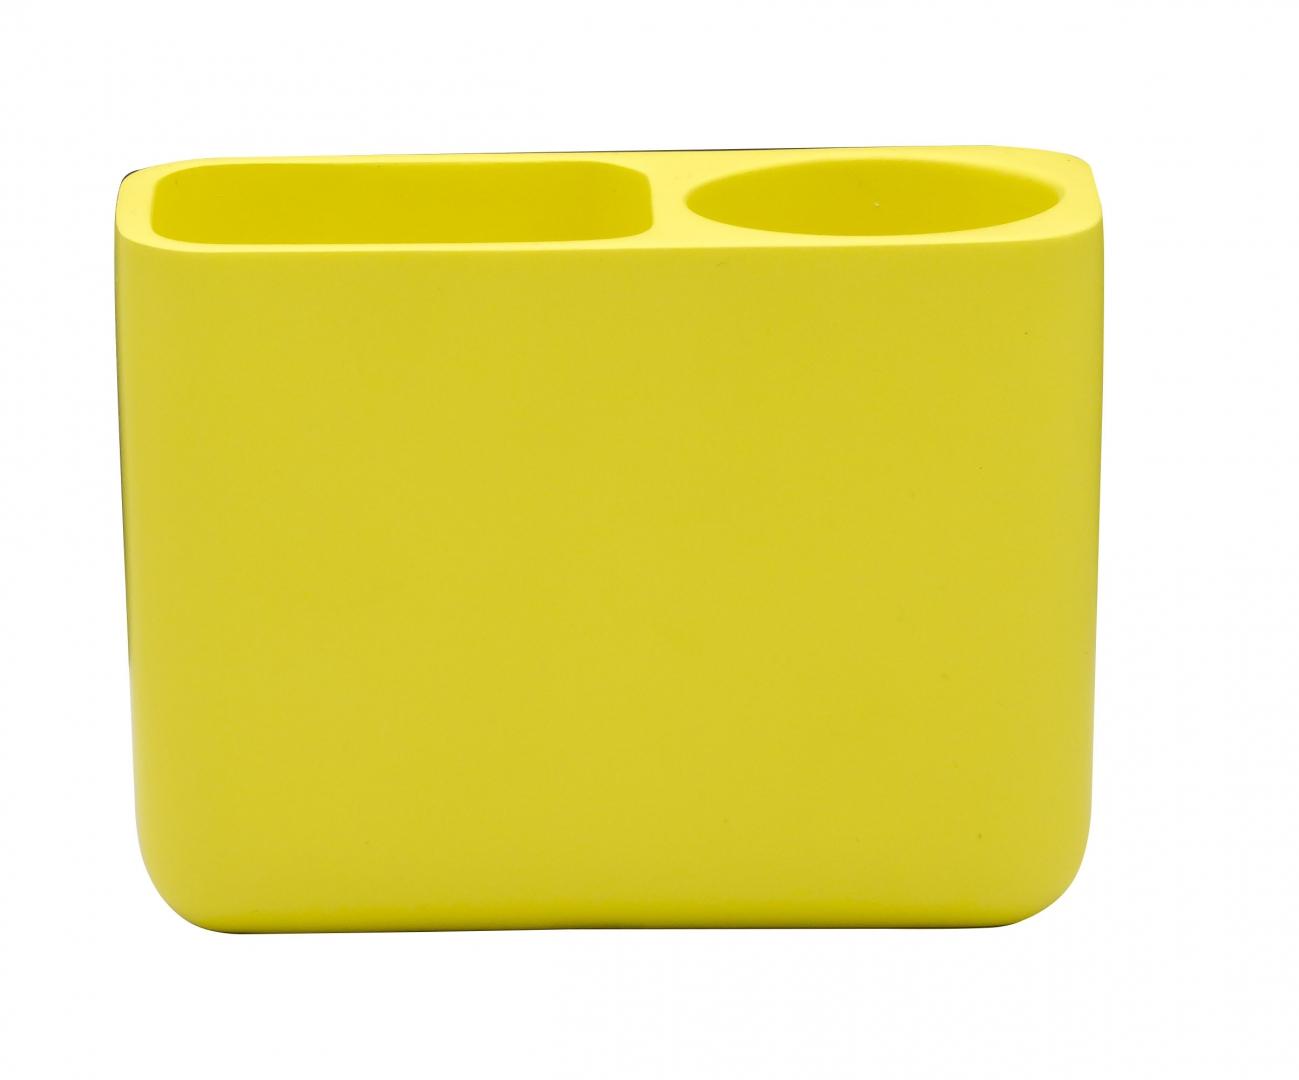 Стаканчик для зубной щётки Young жёлтый по цене 1 186